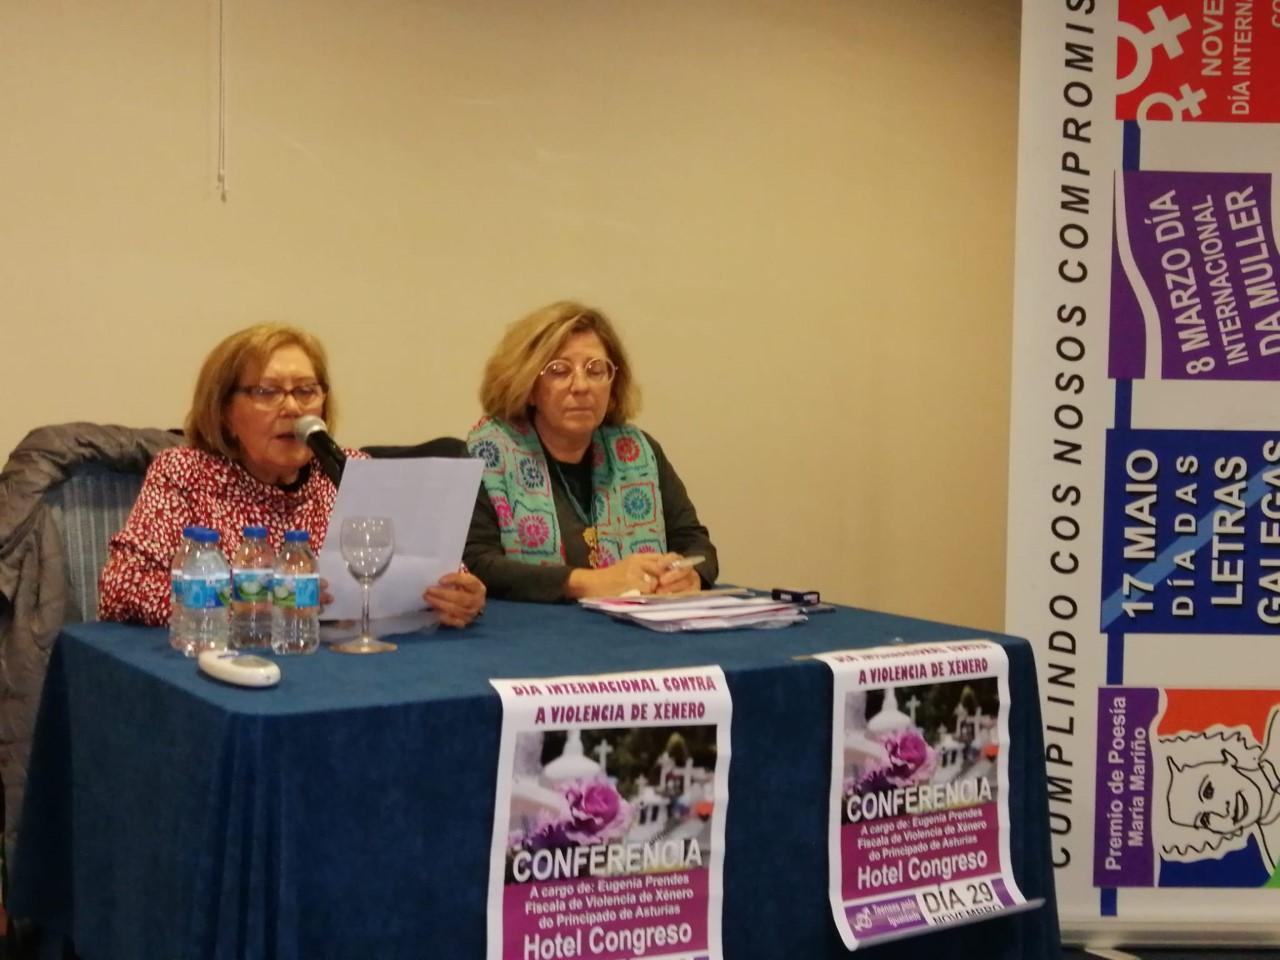 Conferencia de Eugenia Prendes, fiscal de violencia de xénero en Asturias